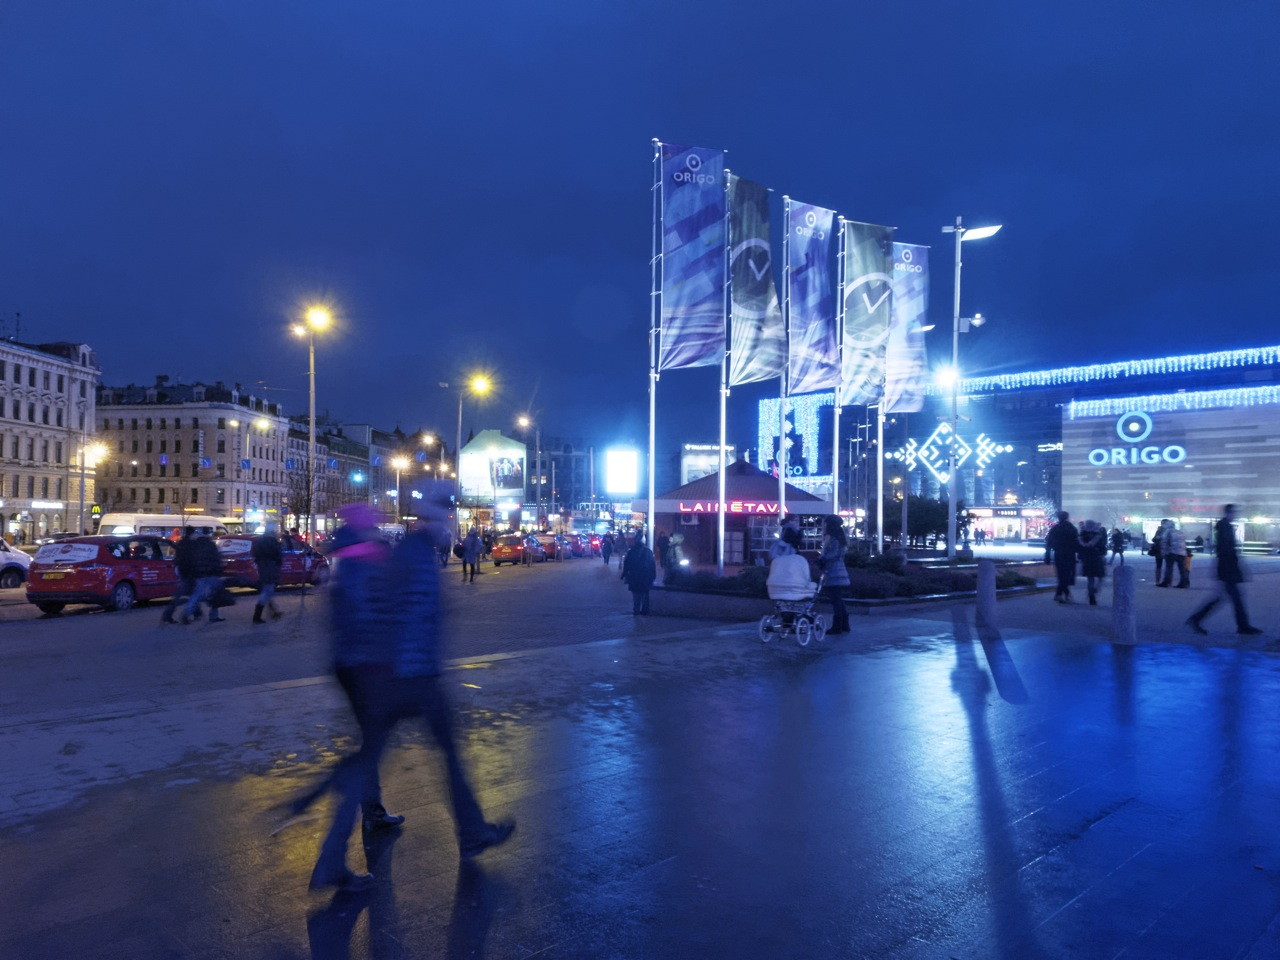 Bild: In der Vorweihnachtszeit abends unterwegs am Einkaufszentrum ORIGO am Hauptbahnhof von Riga. OLYMPUS OM-D E-M5 mit M.Zuiko Digital 12-50 mm 1:3.5-6.3 EZ. ISO 6400 ¦ f/9 ¦ 12 mm ¦ 1/10 s ¦ kein Blitz. Klicken Sie auf das Bild um es zu vergrößern.